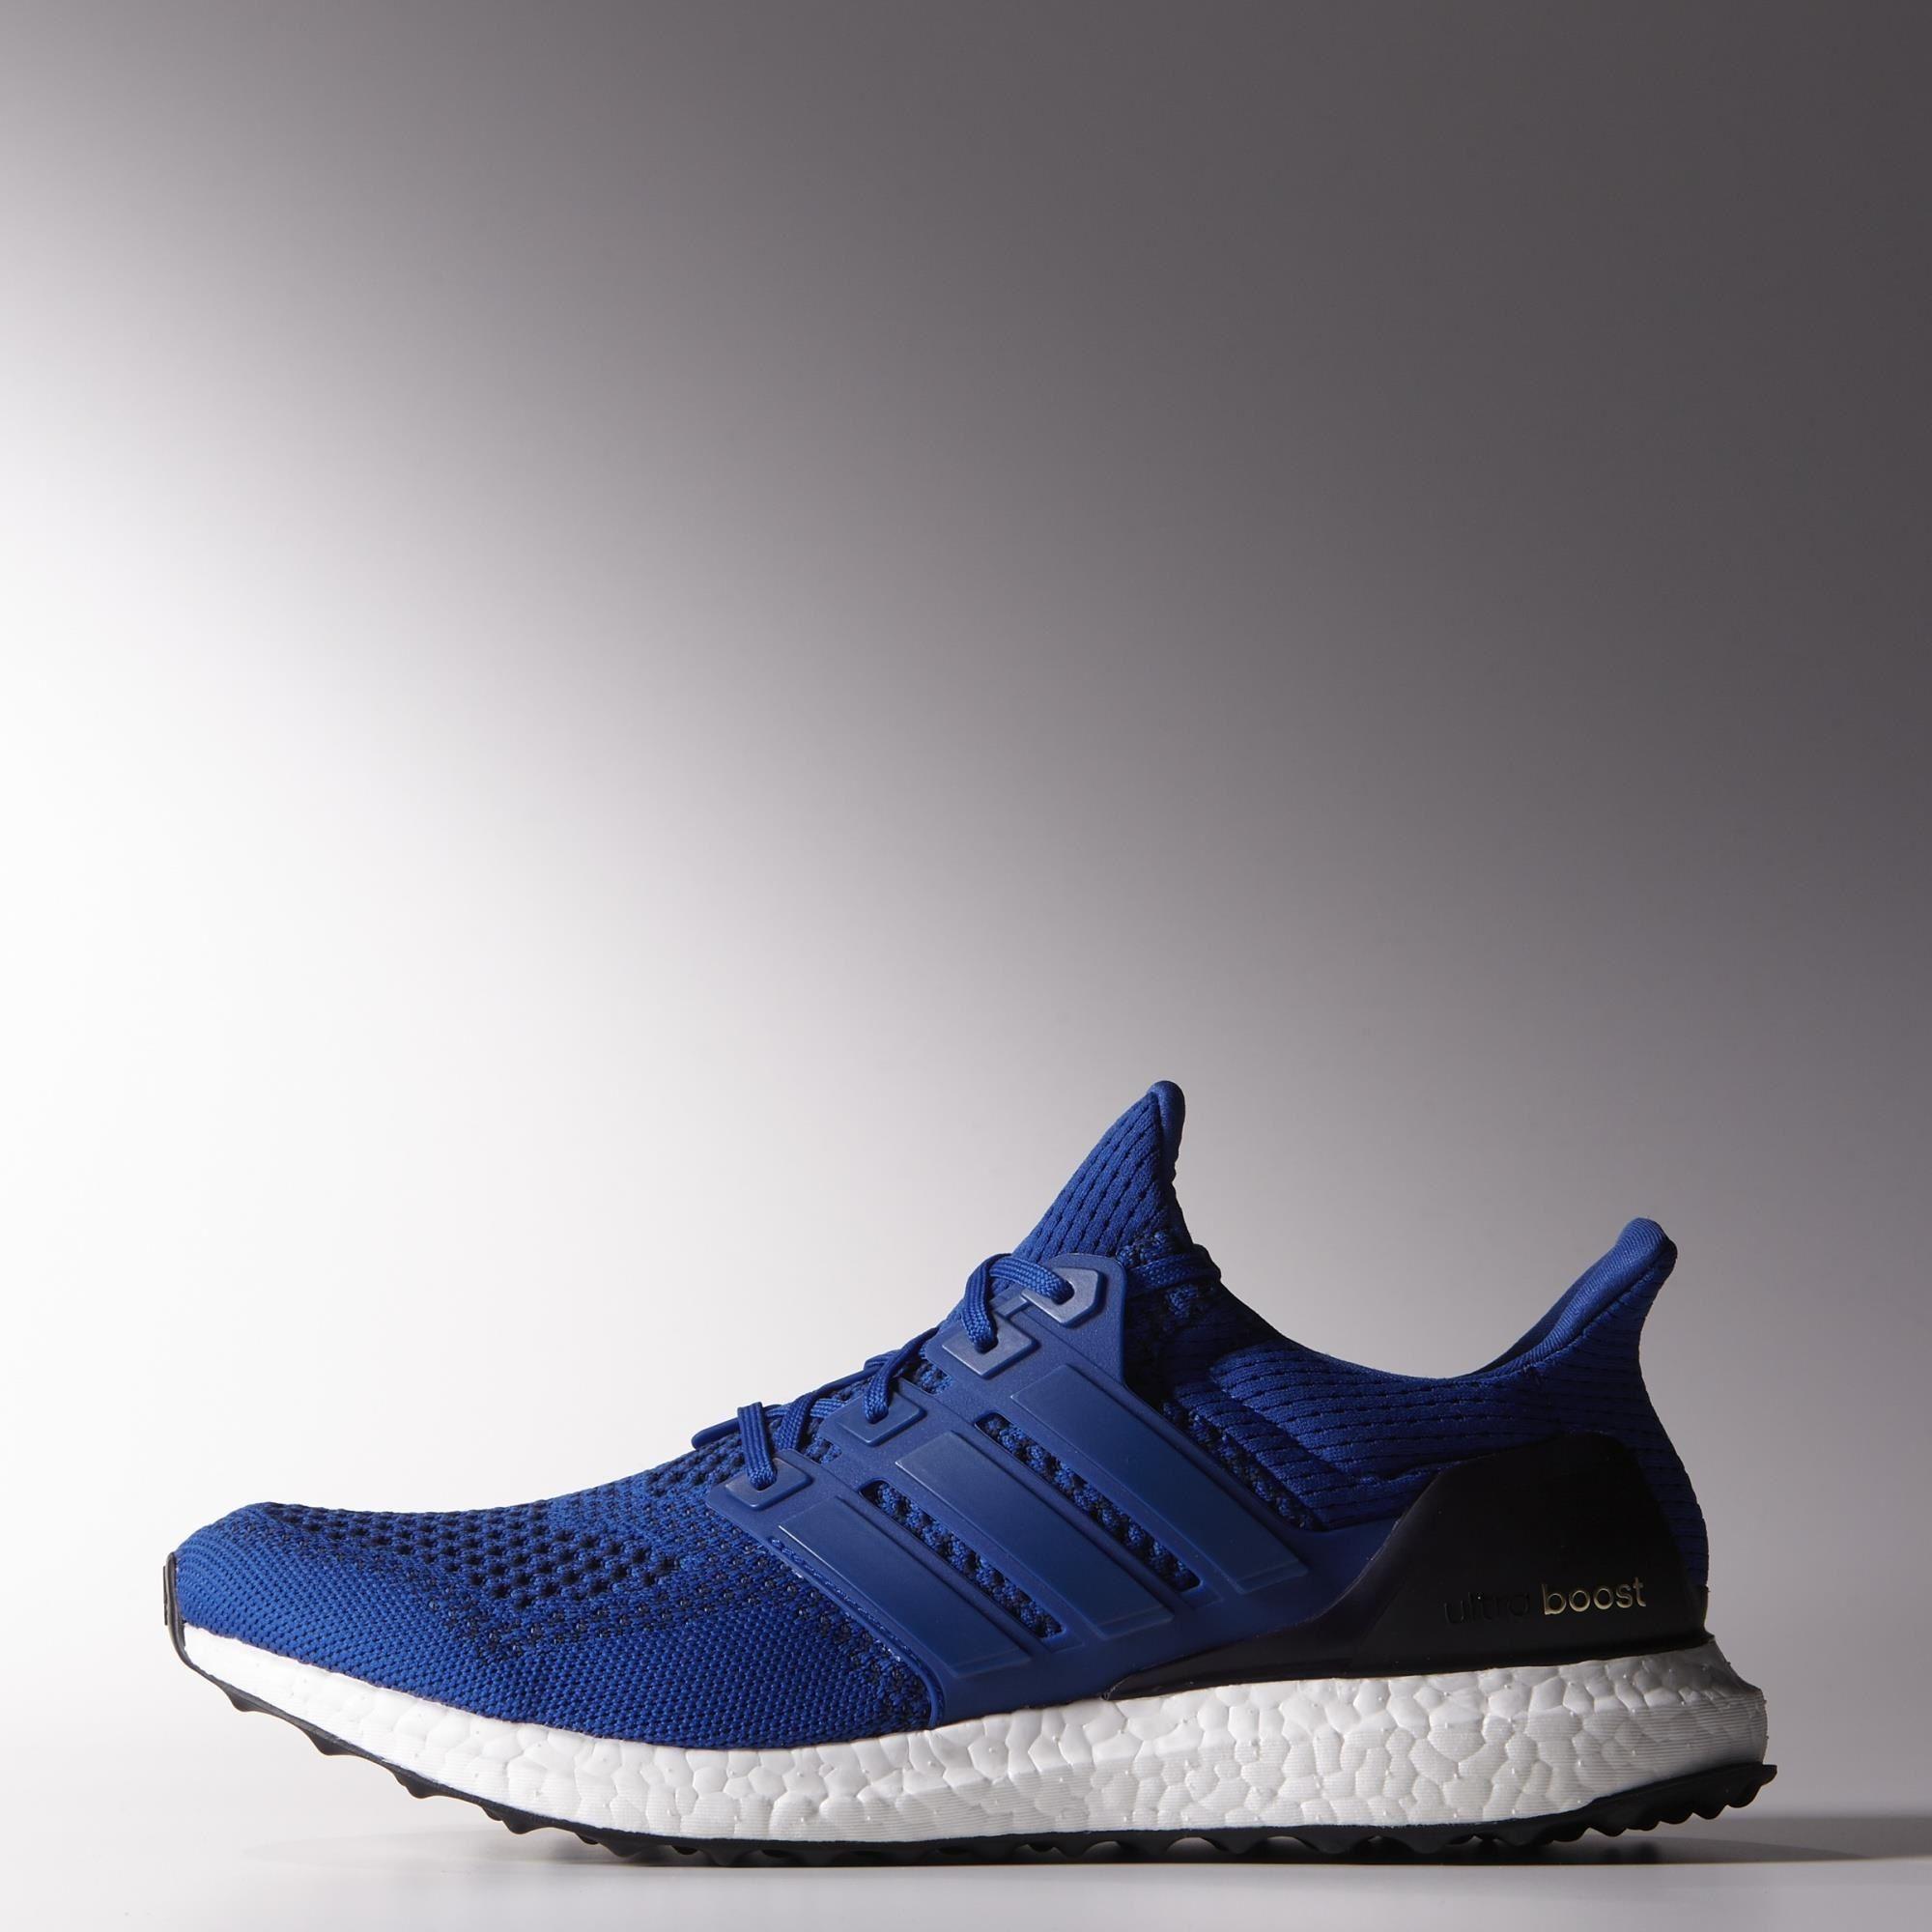 c0d074293a2f9 ... tênis adidas ultraboost d775a dea0b clearance adidas scarpe ultra boost  c8132 a742b ...